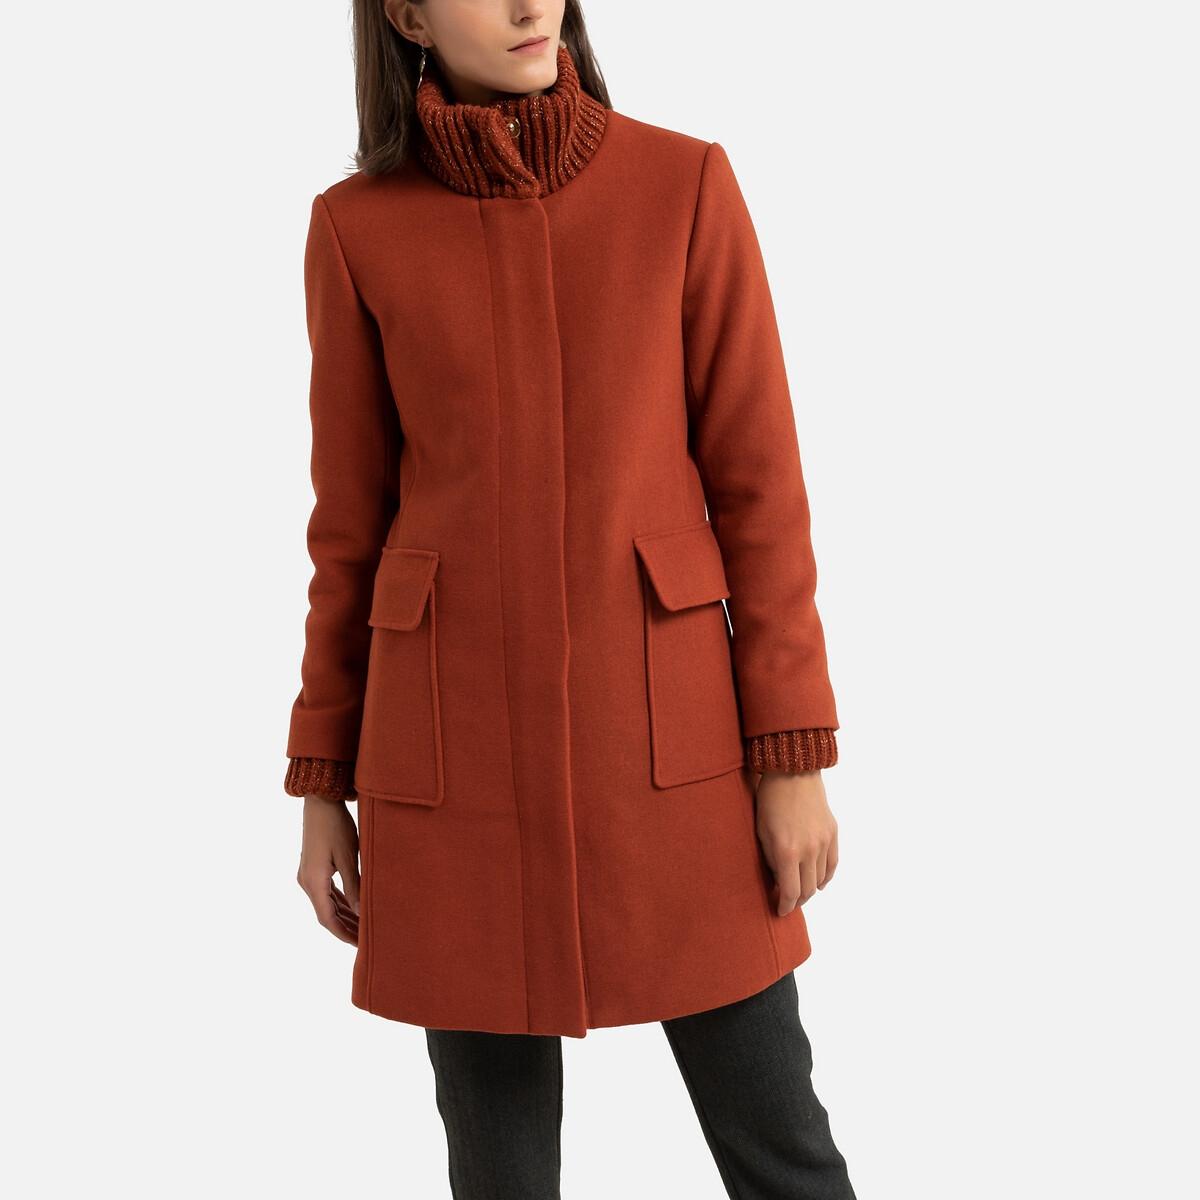 Manteau mi-long fermeture zippée